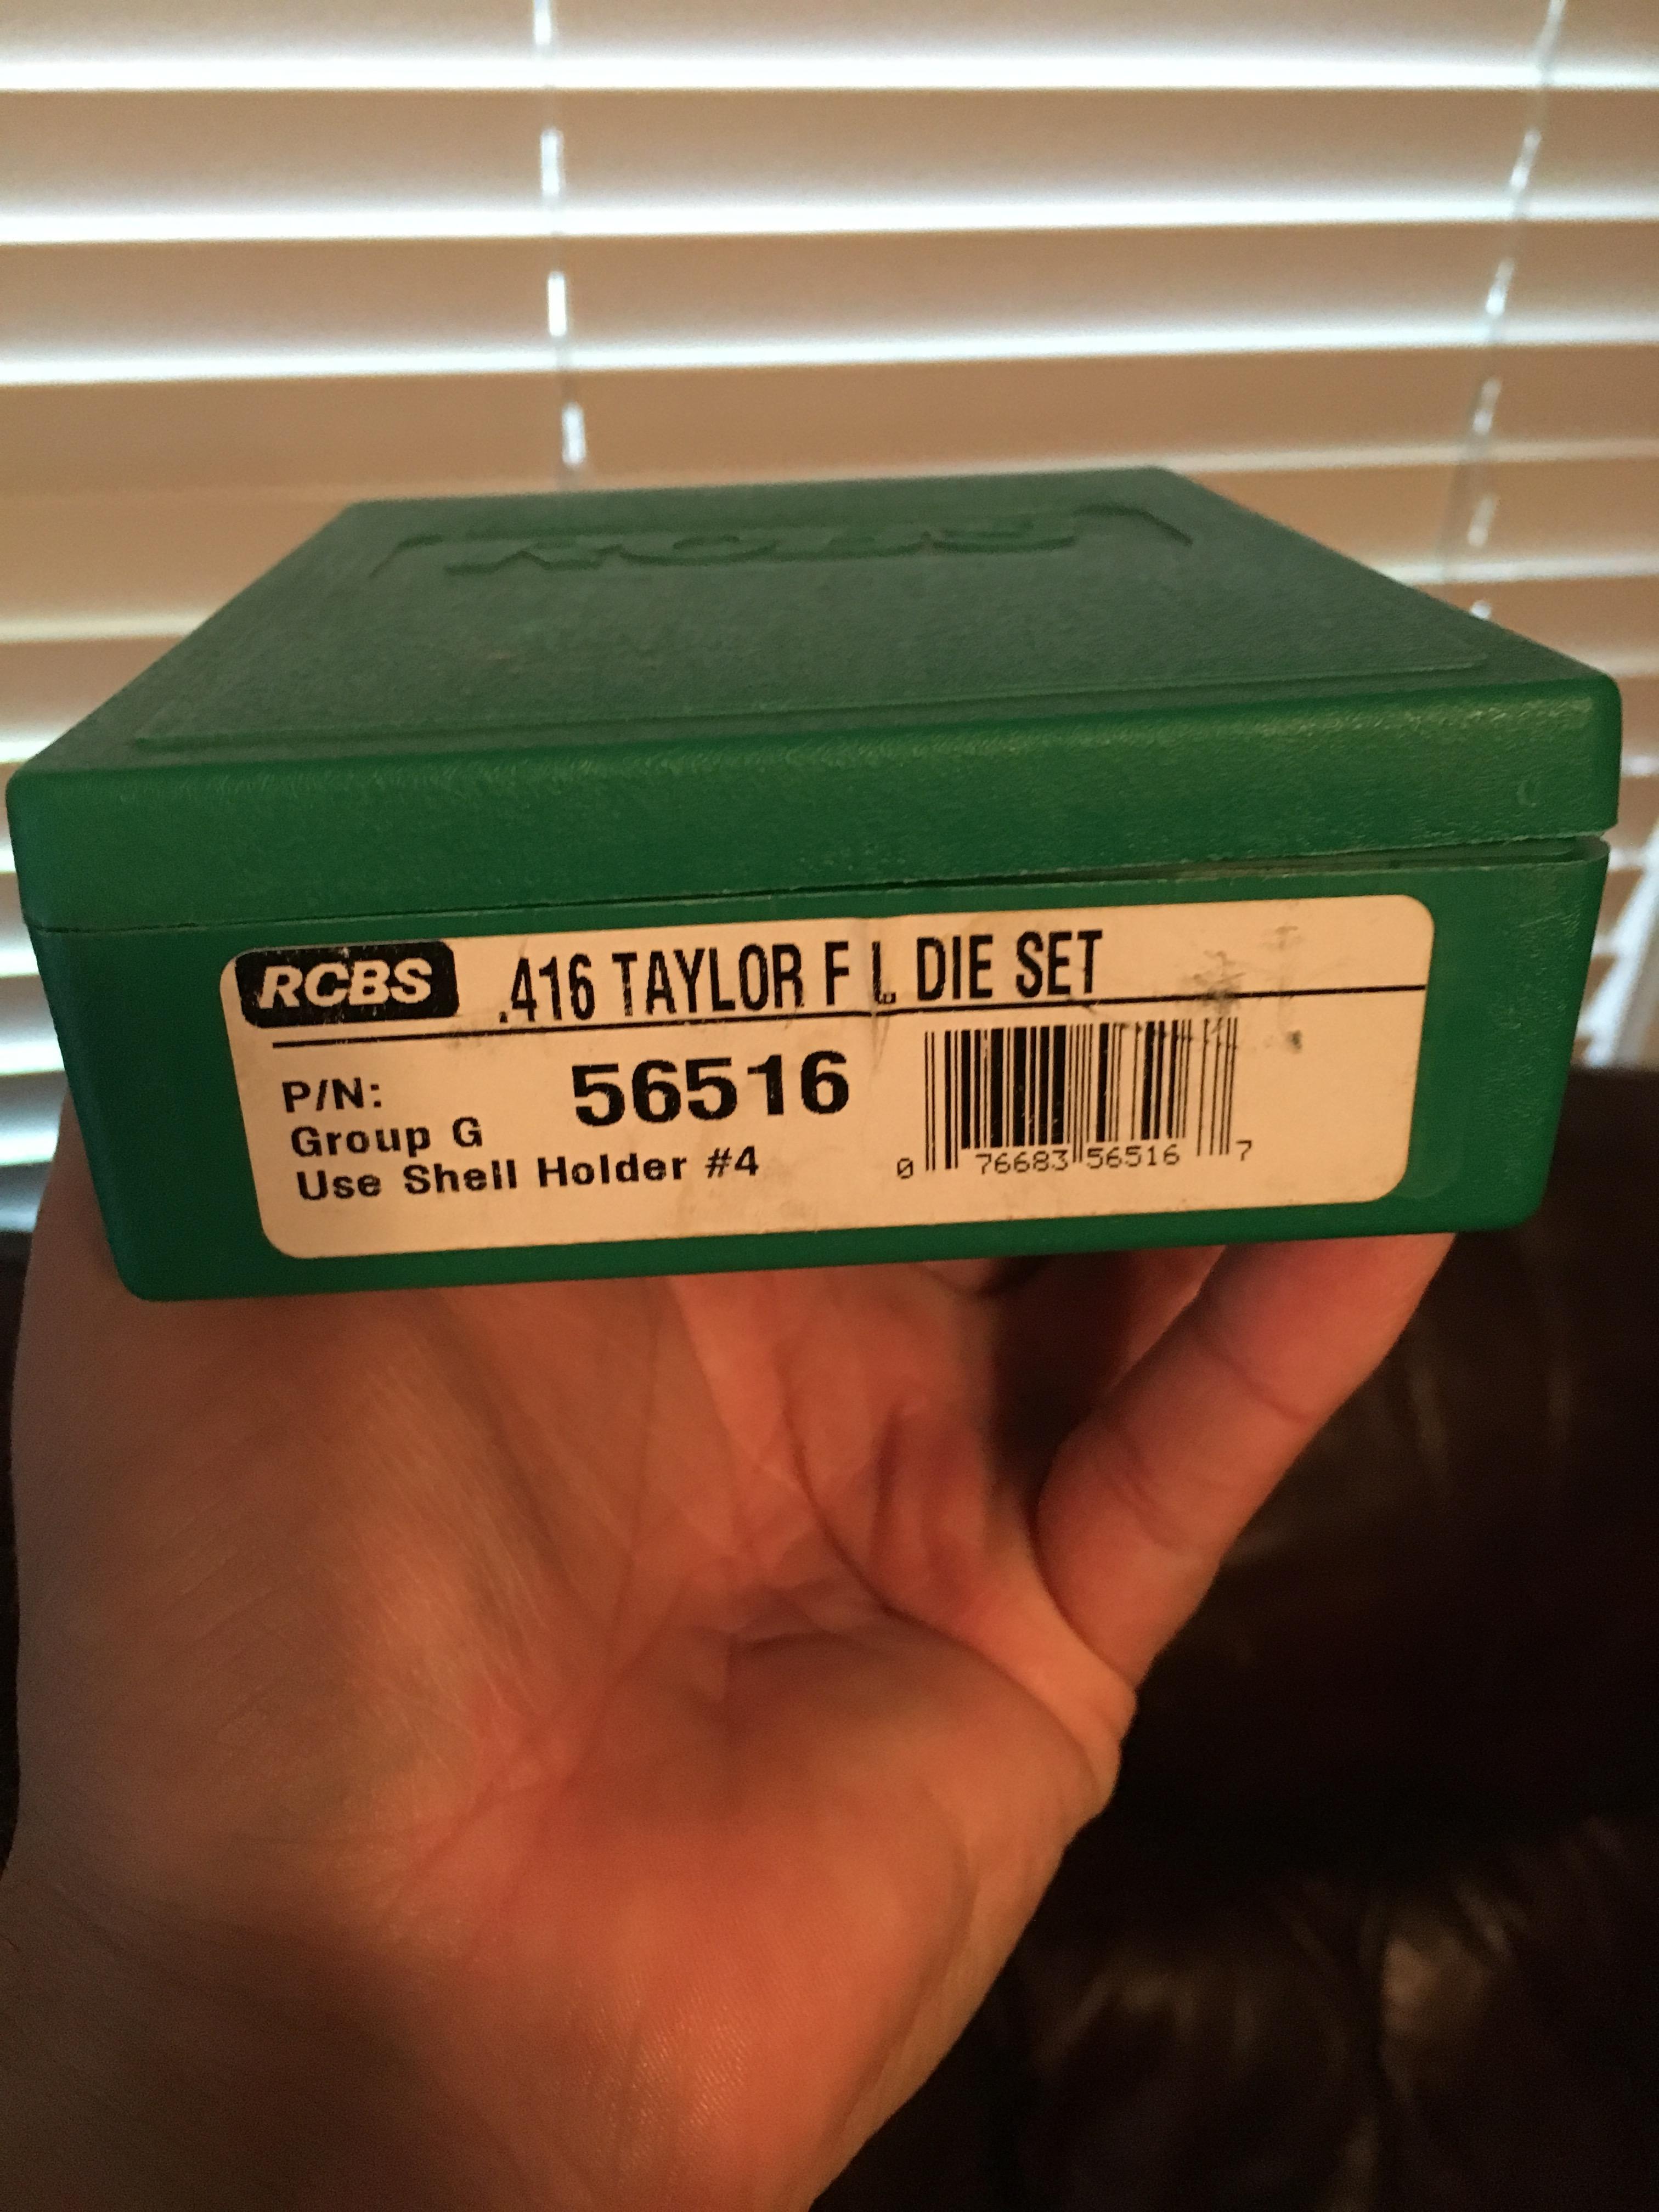 16500C33-01EC-4961-919E-C9D7E9C9BCC5.jpeg